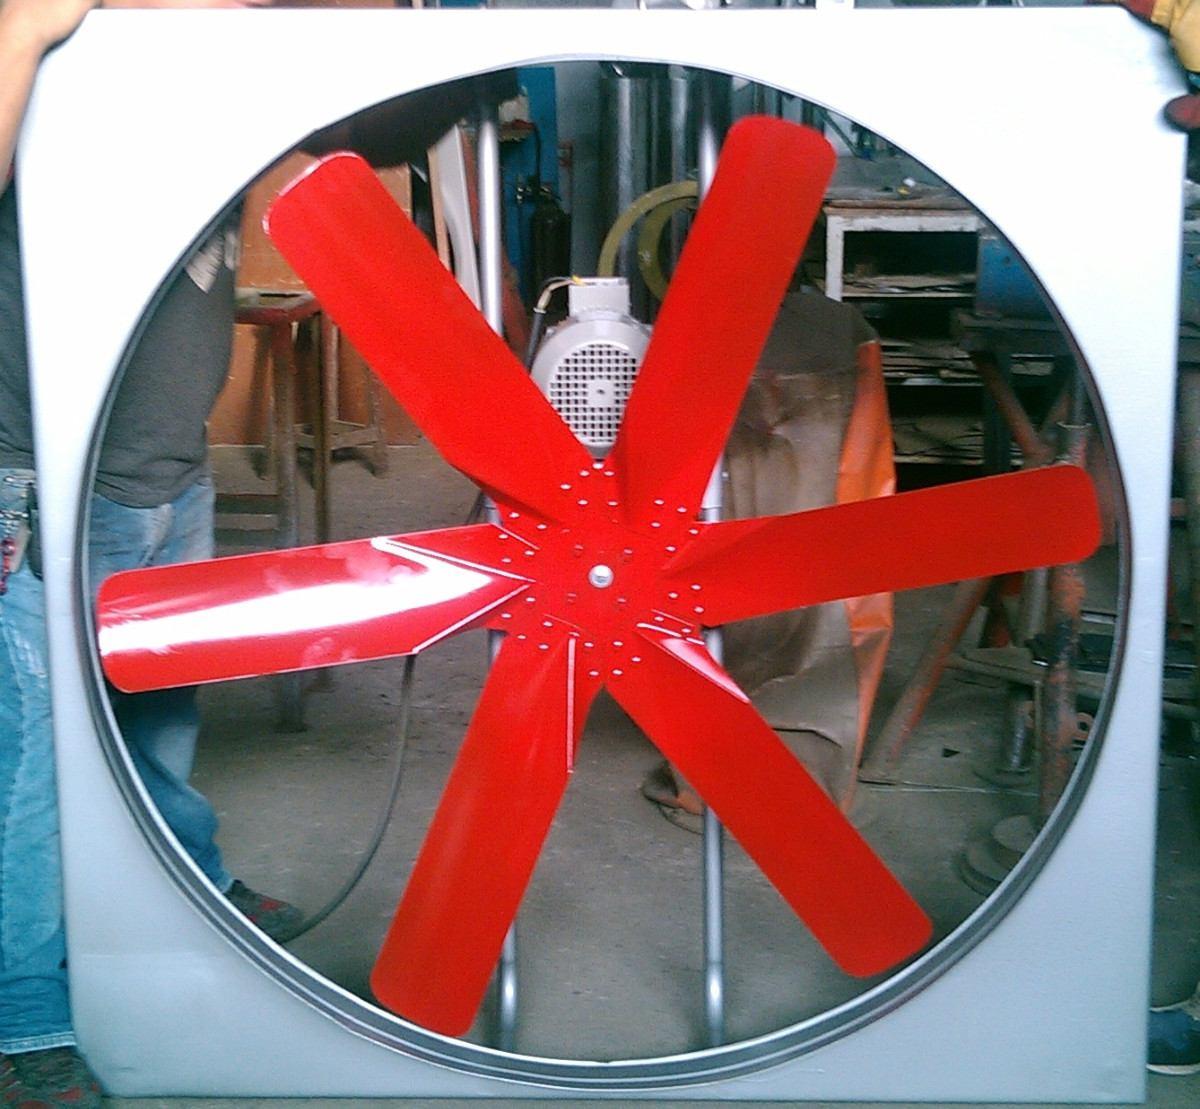 Extractor de aire ventilador helice 6 aspas industrial 1hp for Aspas para ventiladores